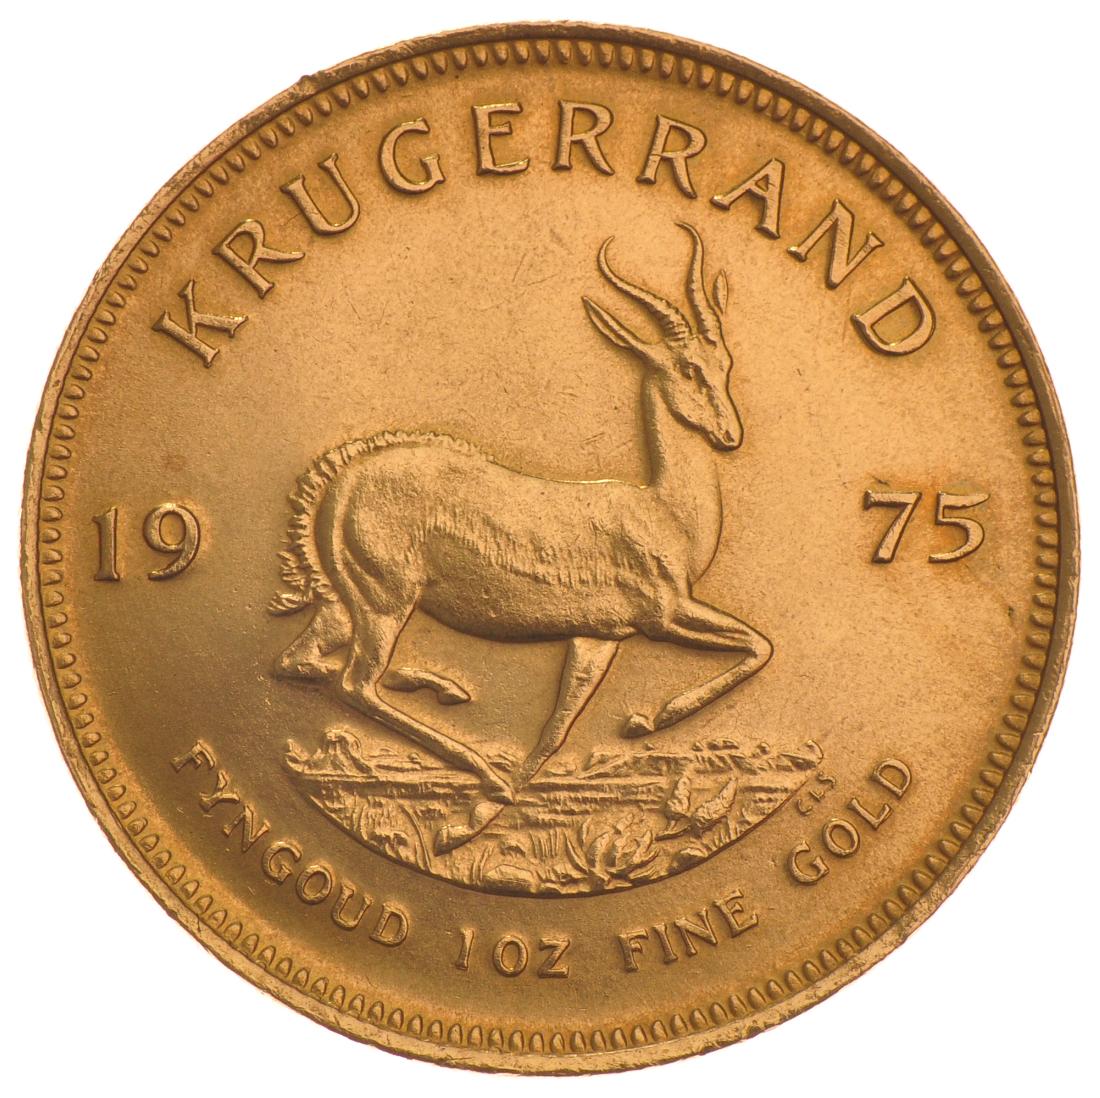 1975 1oz Gold Krugerrand 163 1 070